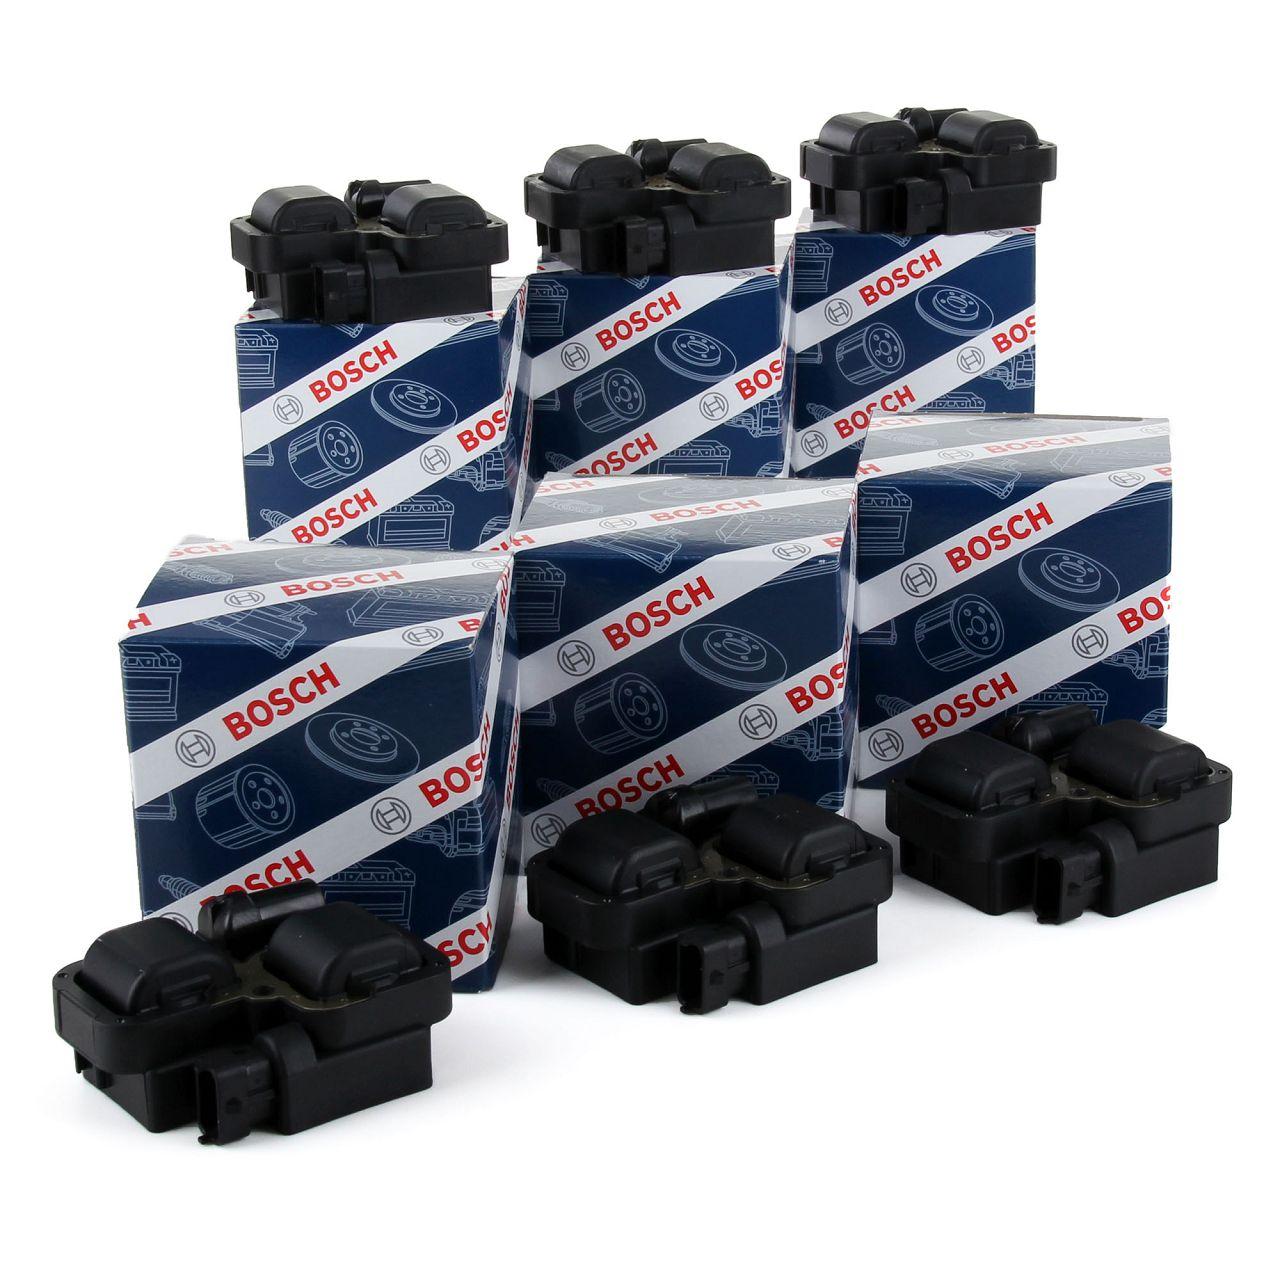 6x BOSCH 0221503035 Zündspule MERCEDES W202 W203 W210 W211 W463 W163 W220 M112 0001587803